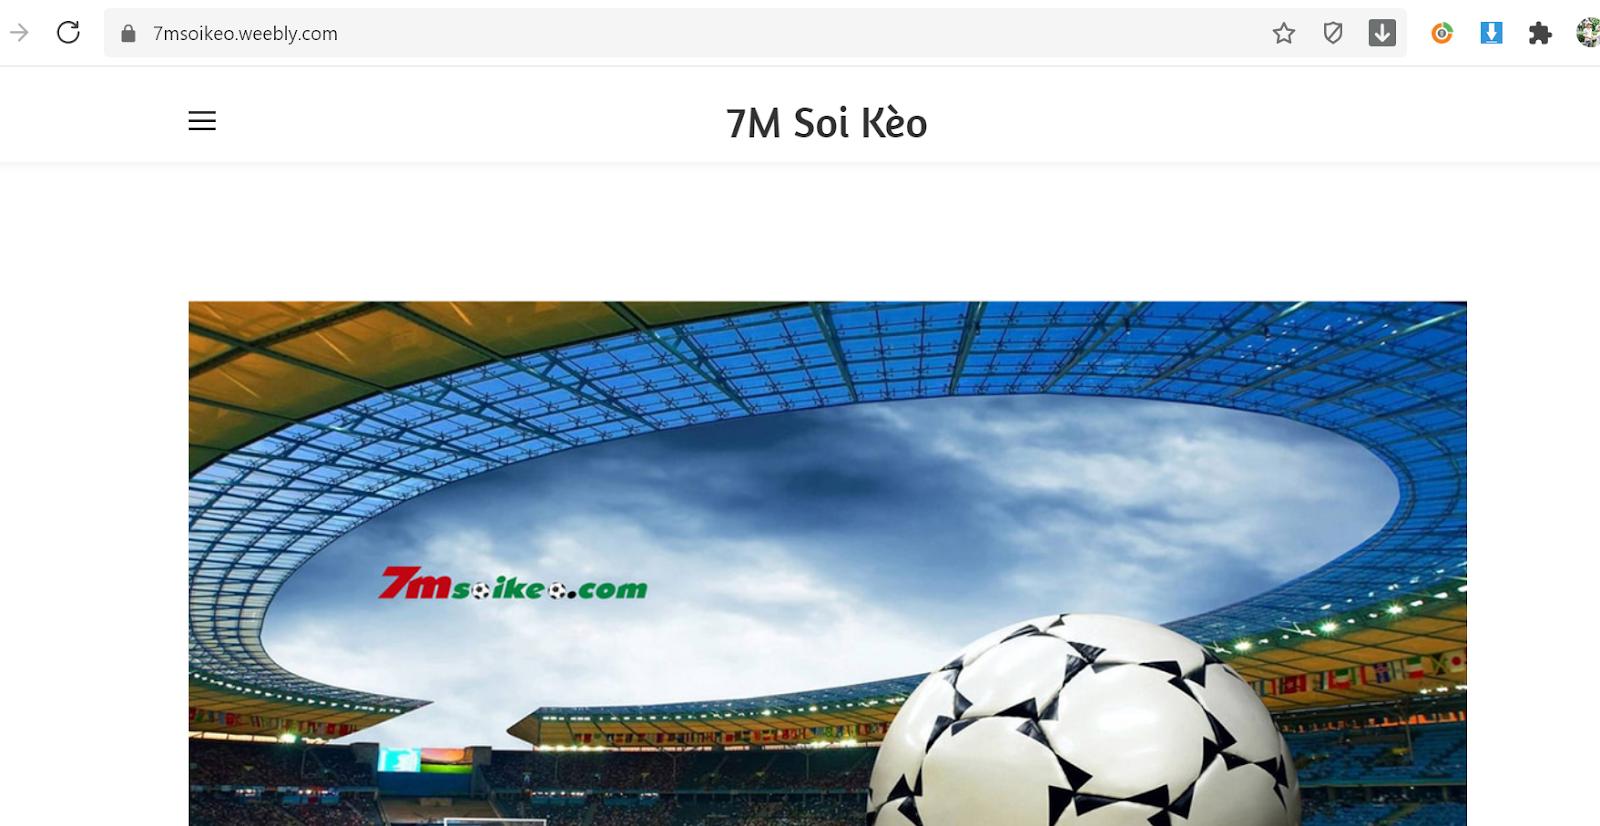 Weebly 7msoikeo nơi hội tụ những tin tức thể thao nổi bật nhất